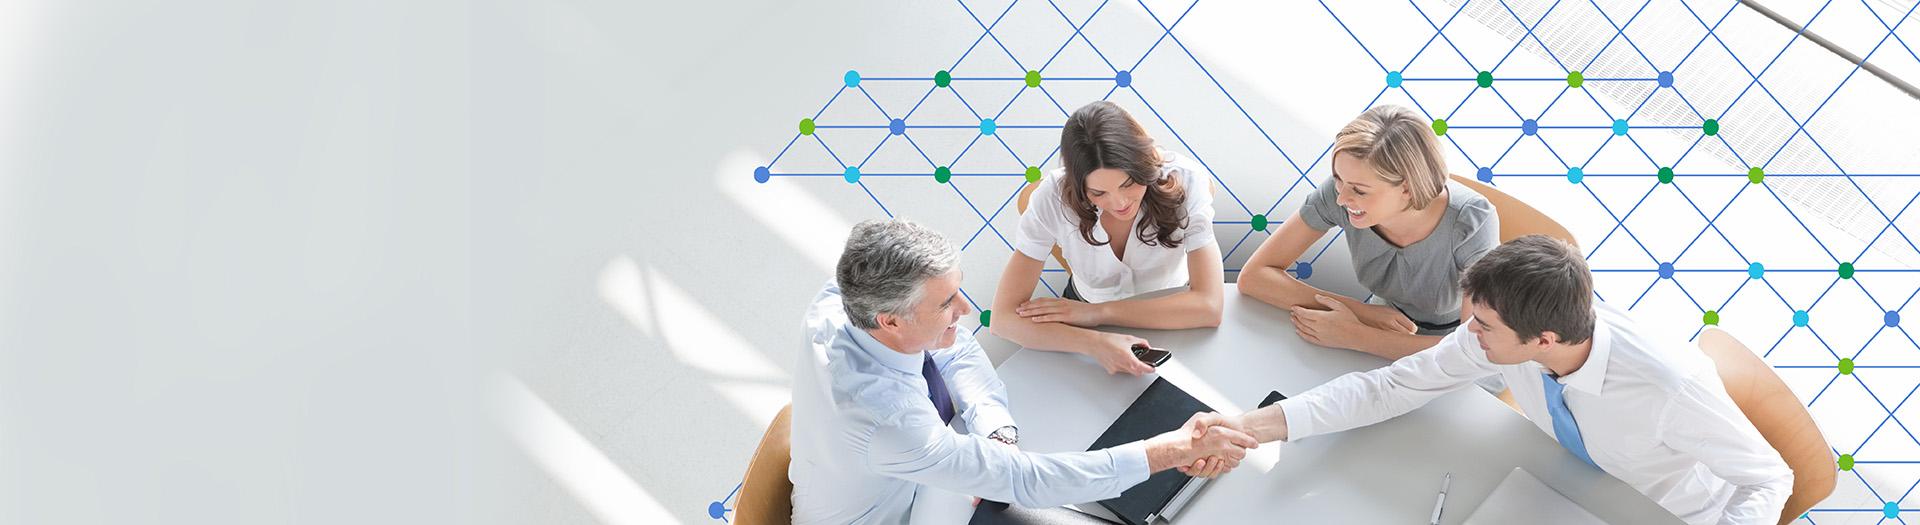 Ethics Decision Making Workshops